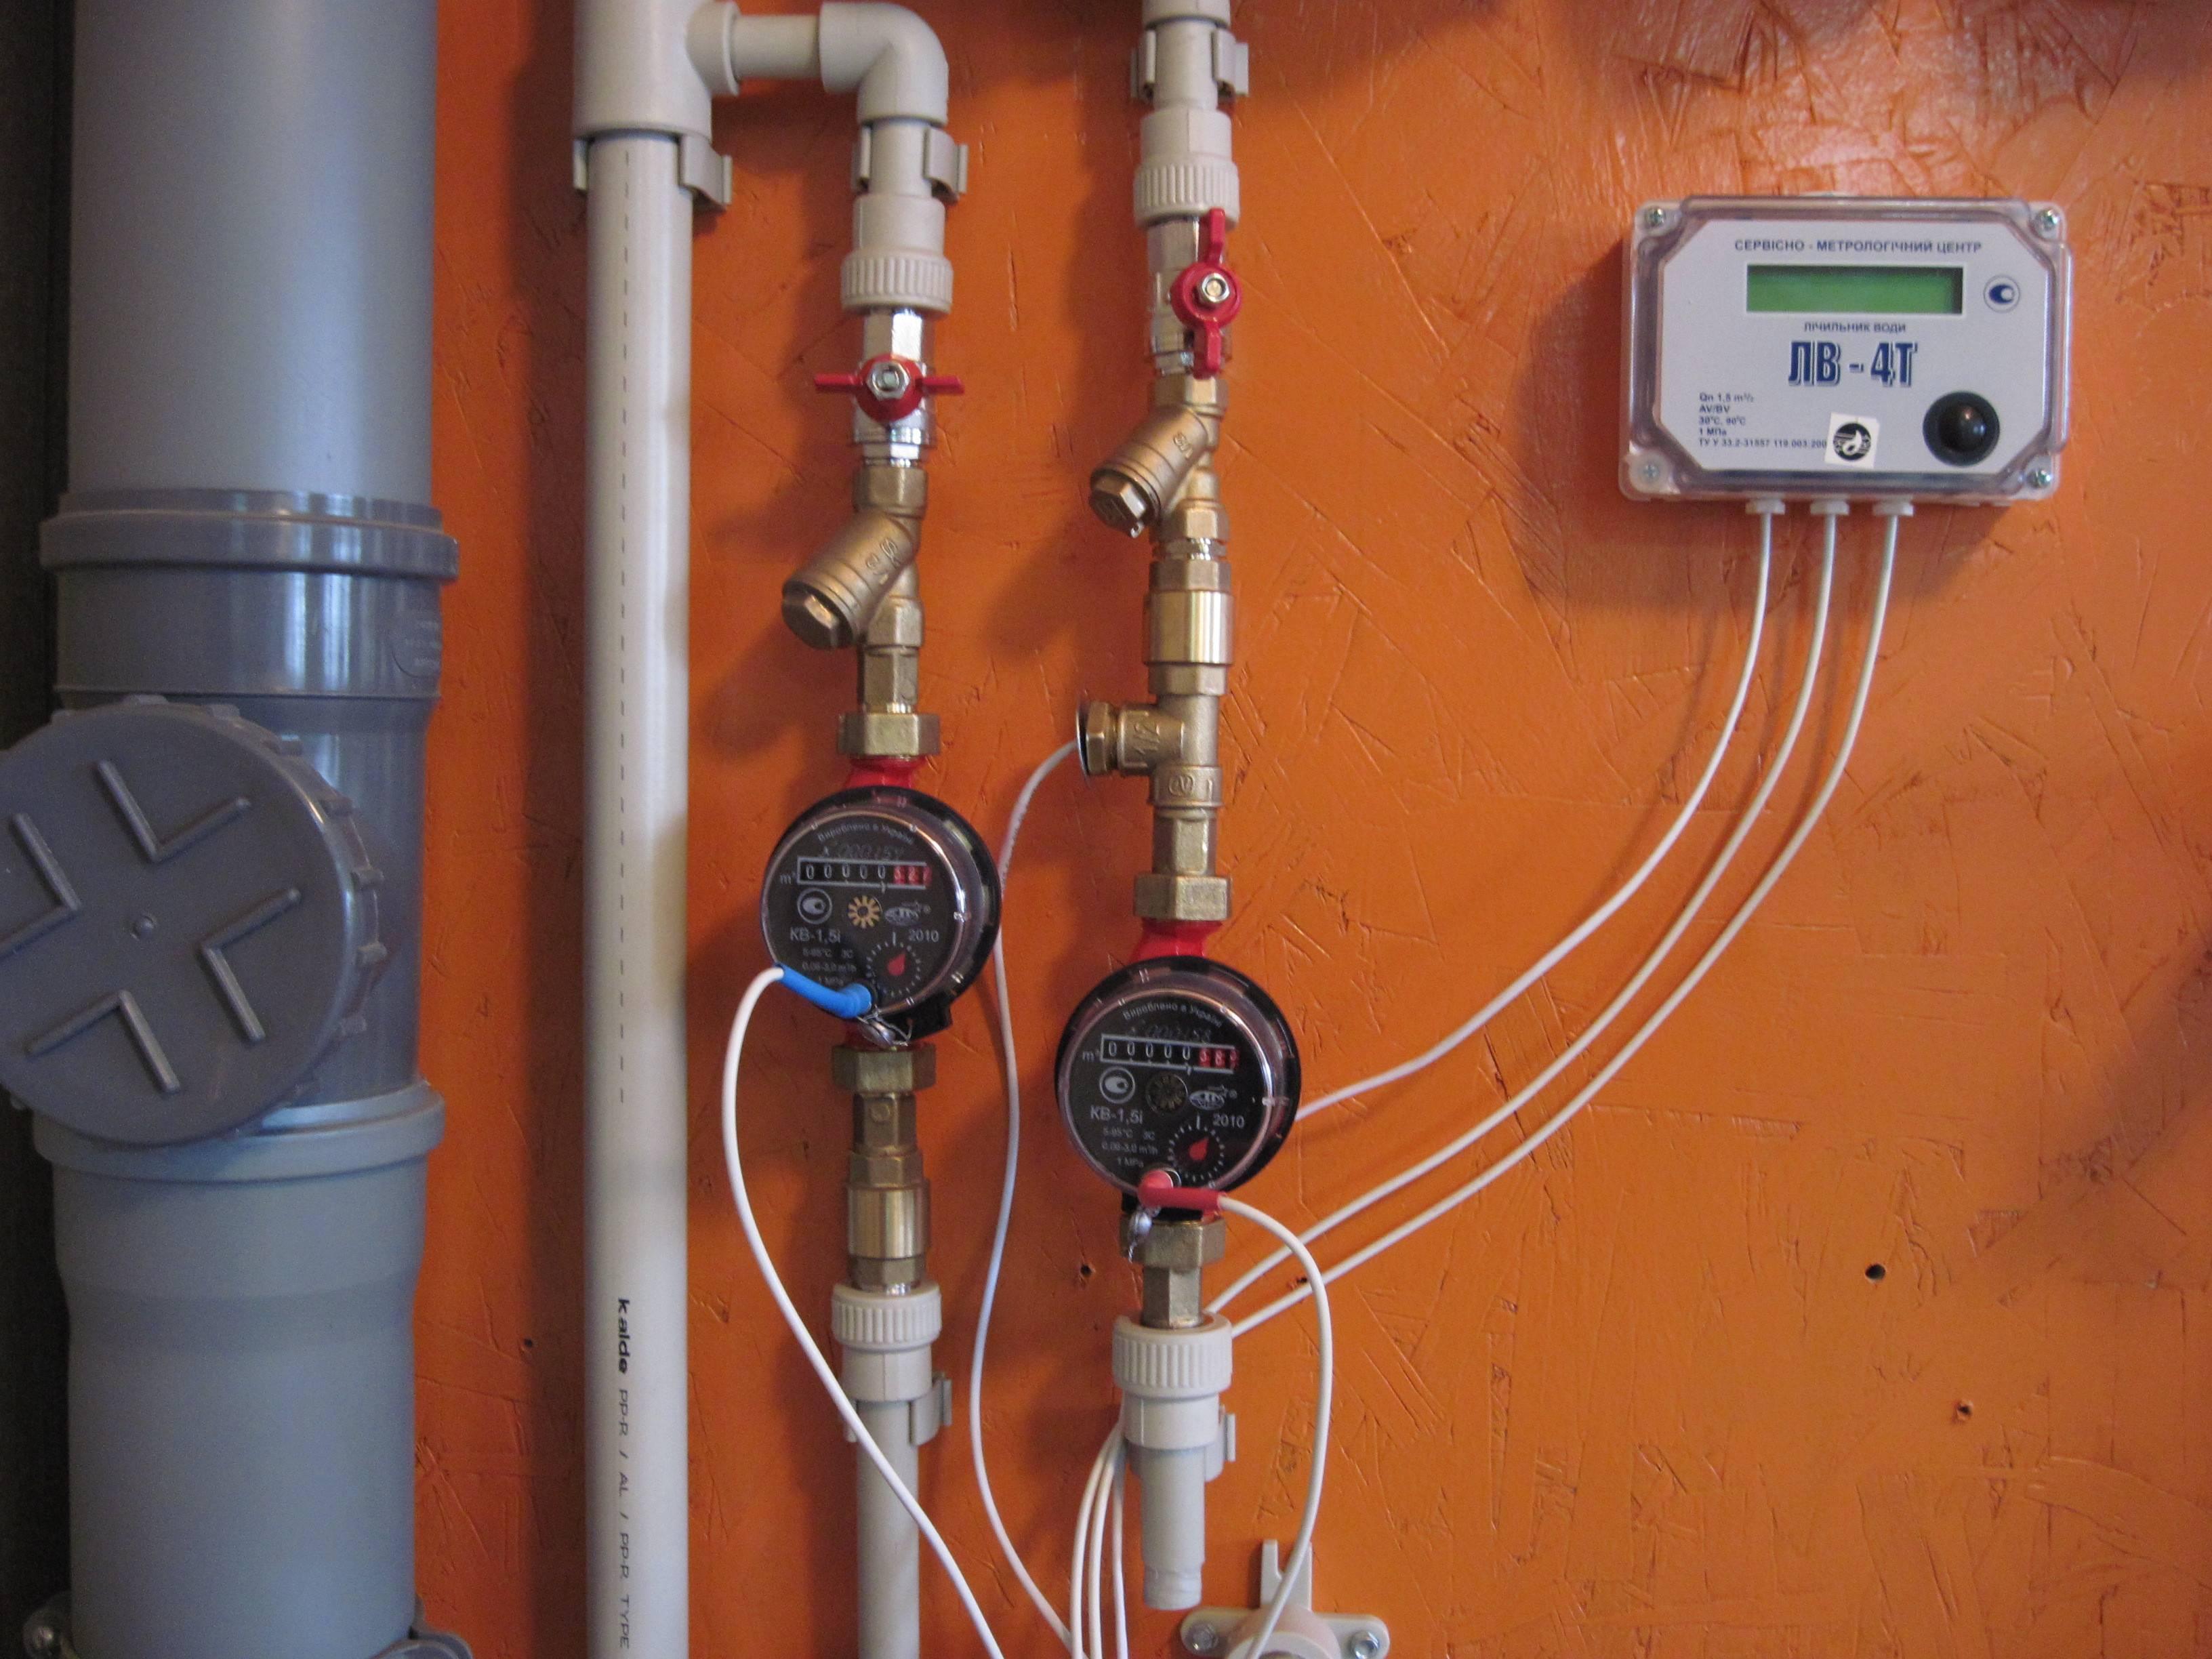 Как экономить воду в квартире со счётчиком: рекомендации и способы